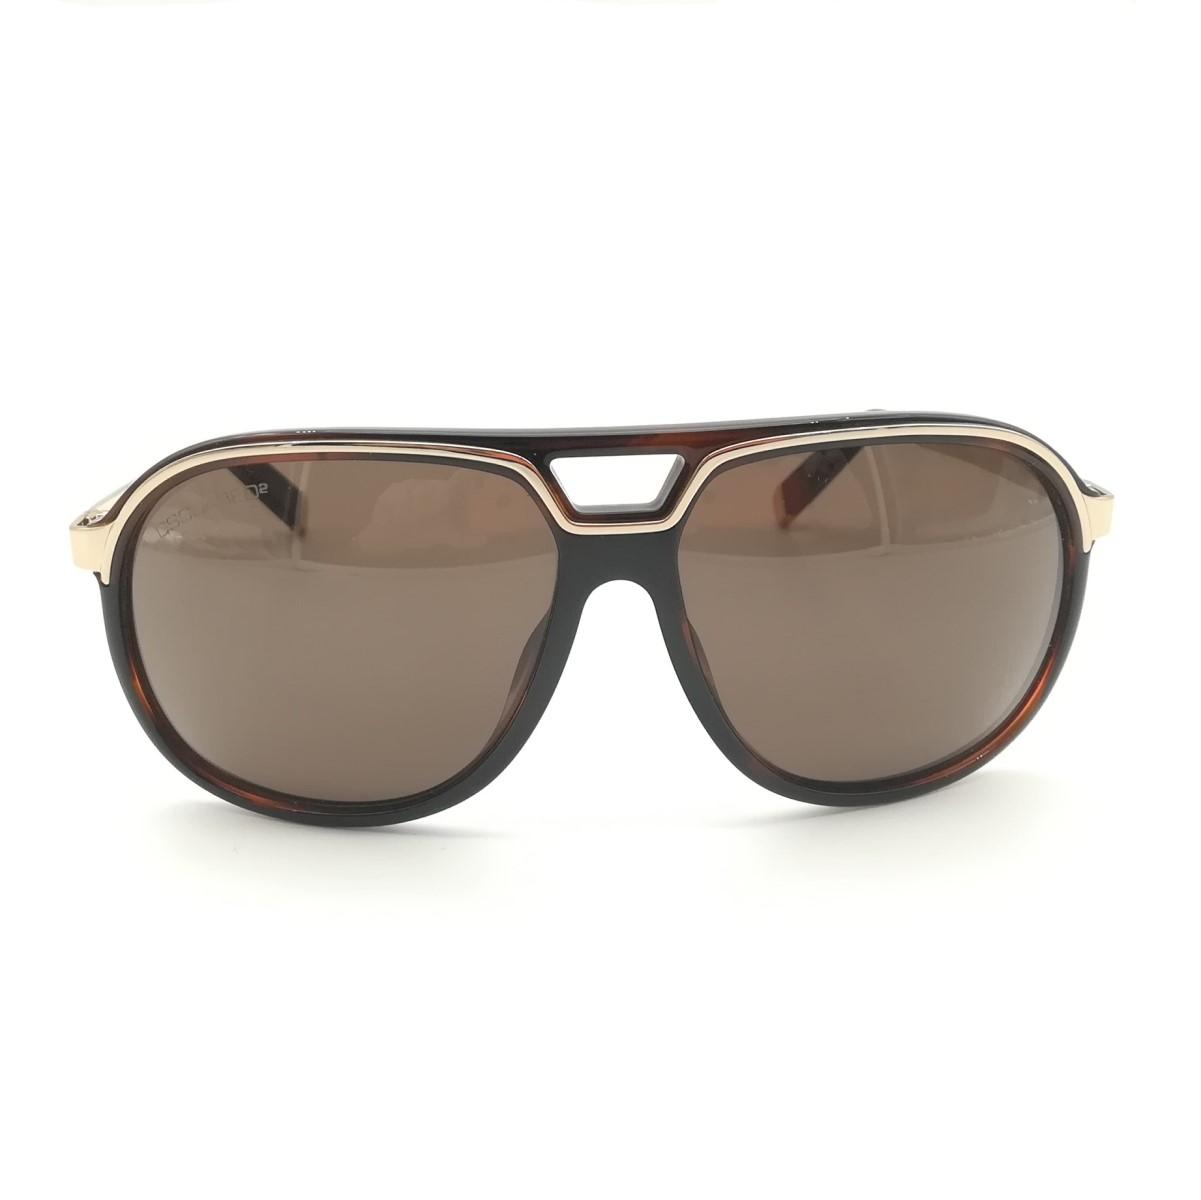 premium selection 23225 812ad DSQUARED occhiale da sole uomo 061